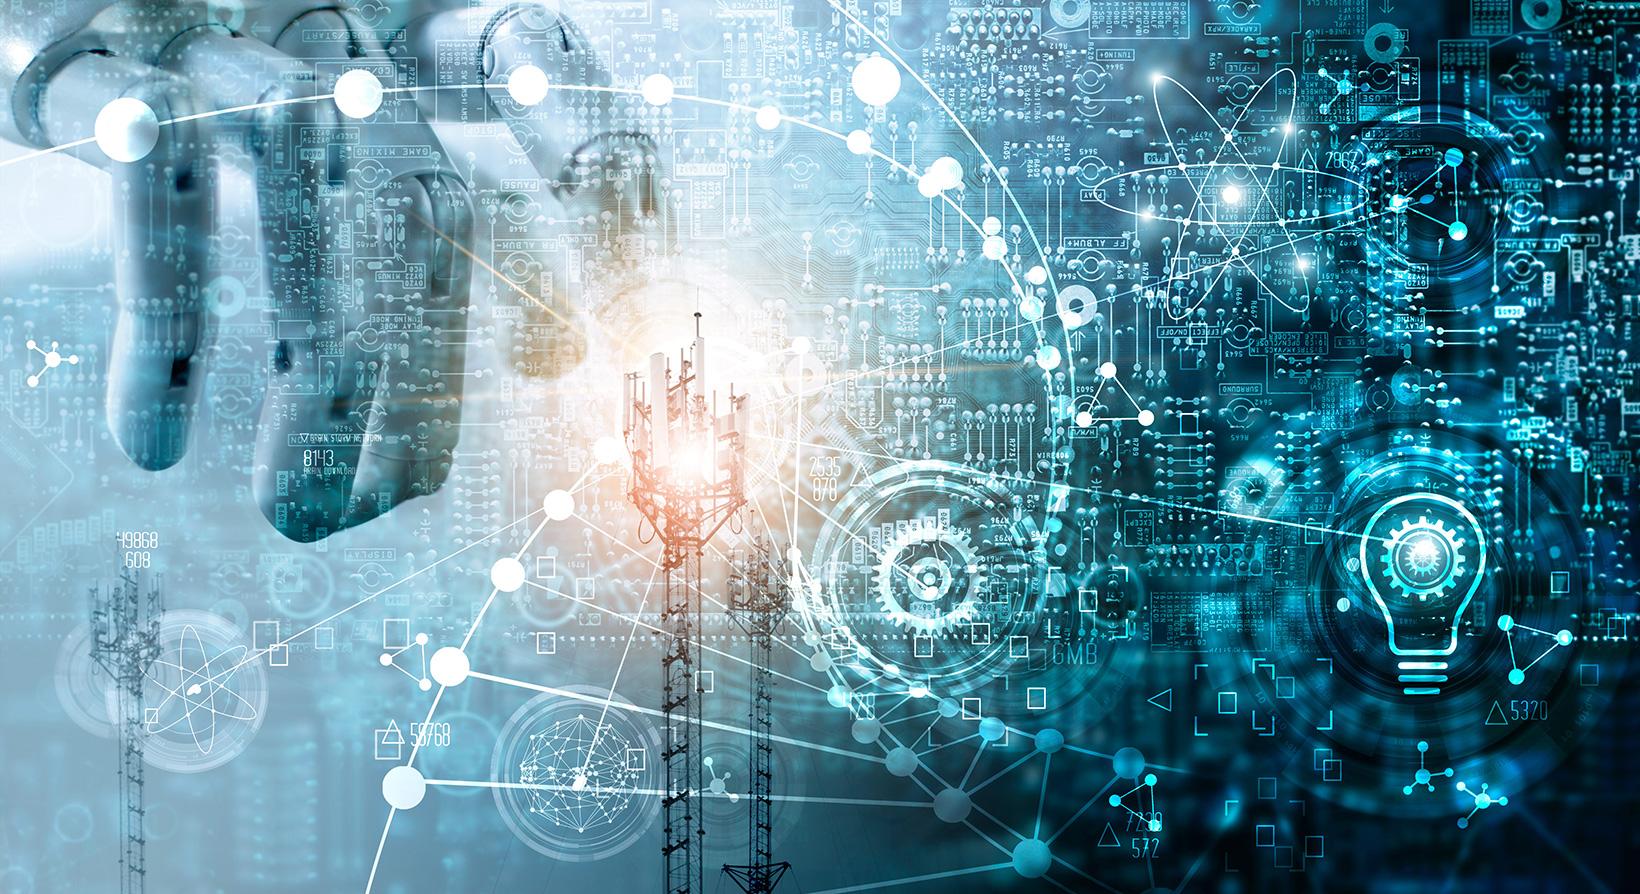 周鸿祎:四大安全问题威胁工业互联网 数据安全首当其冲